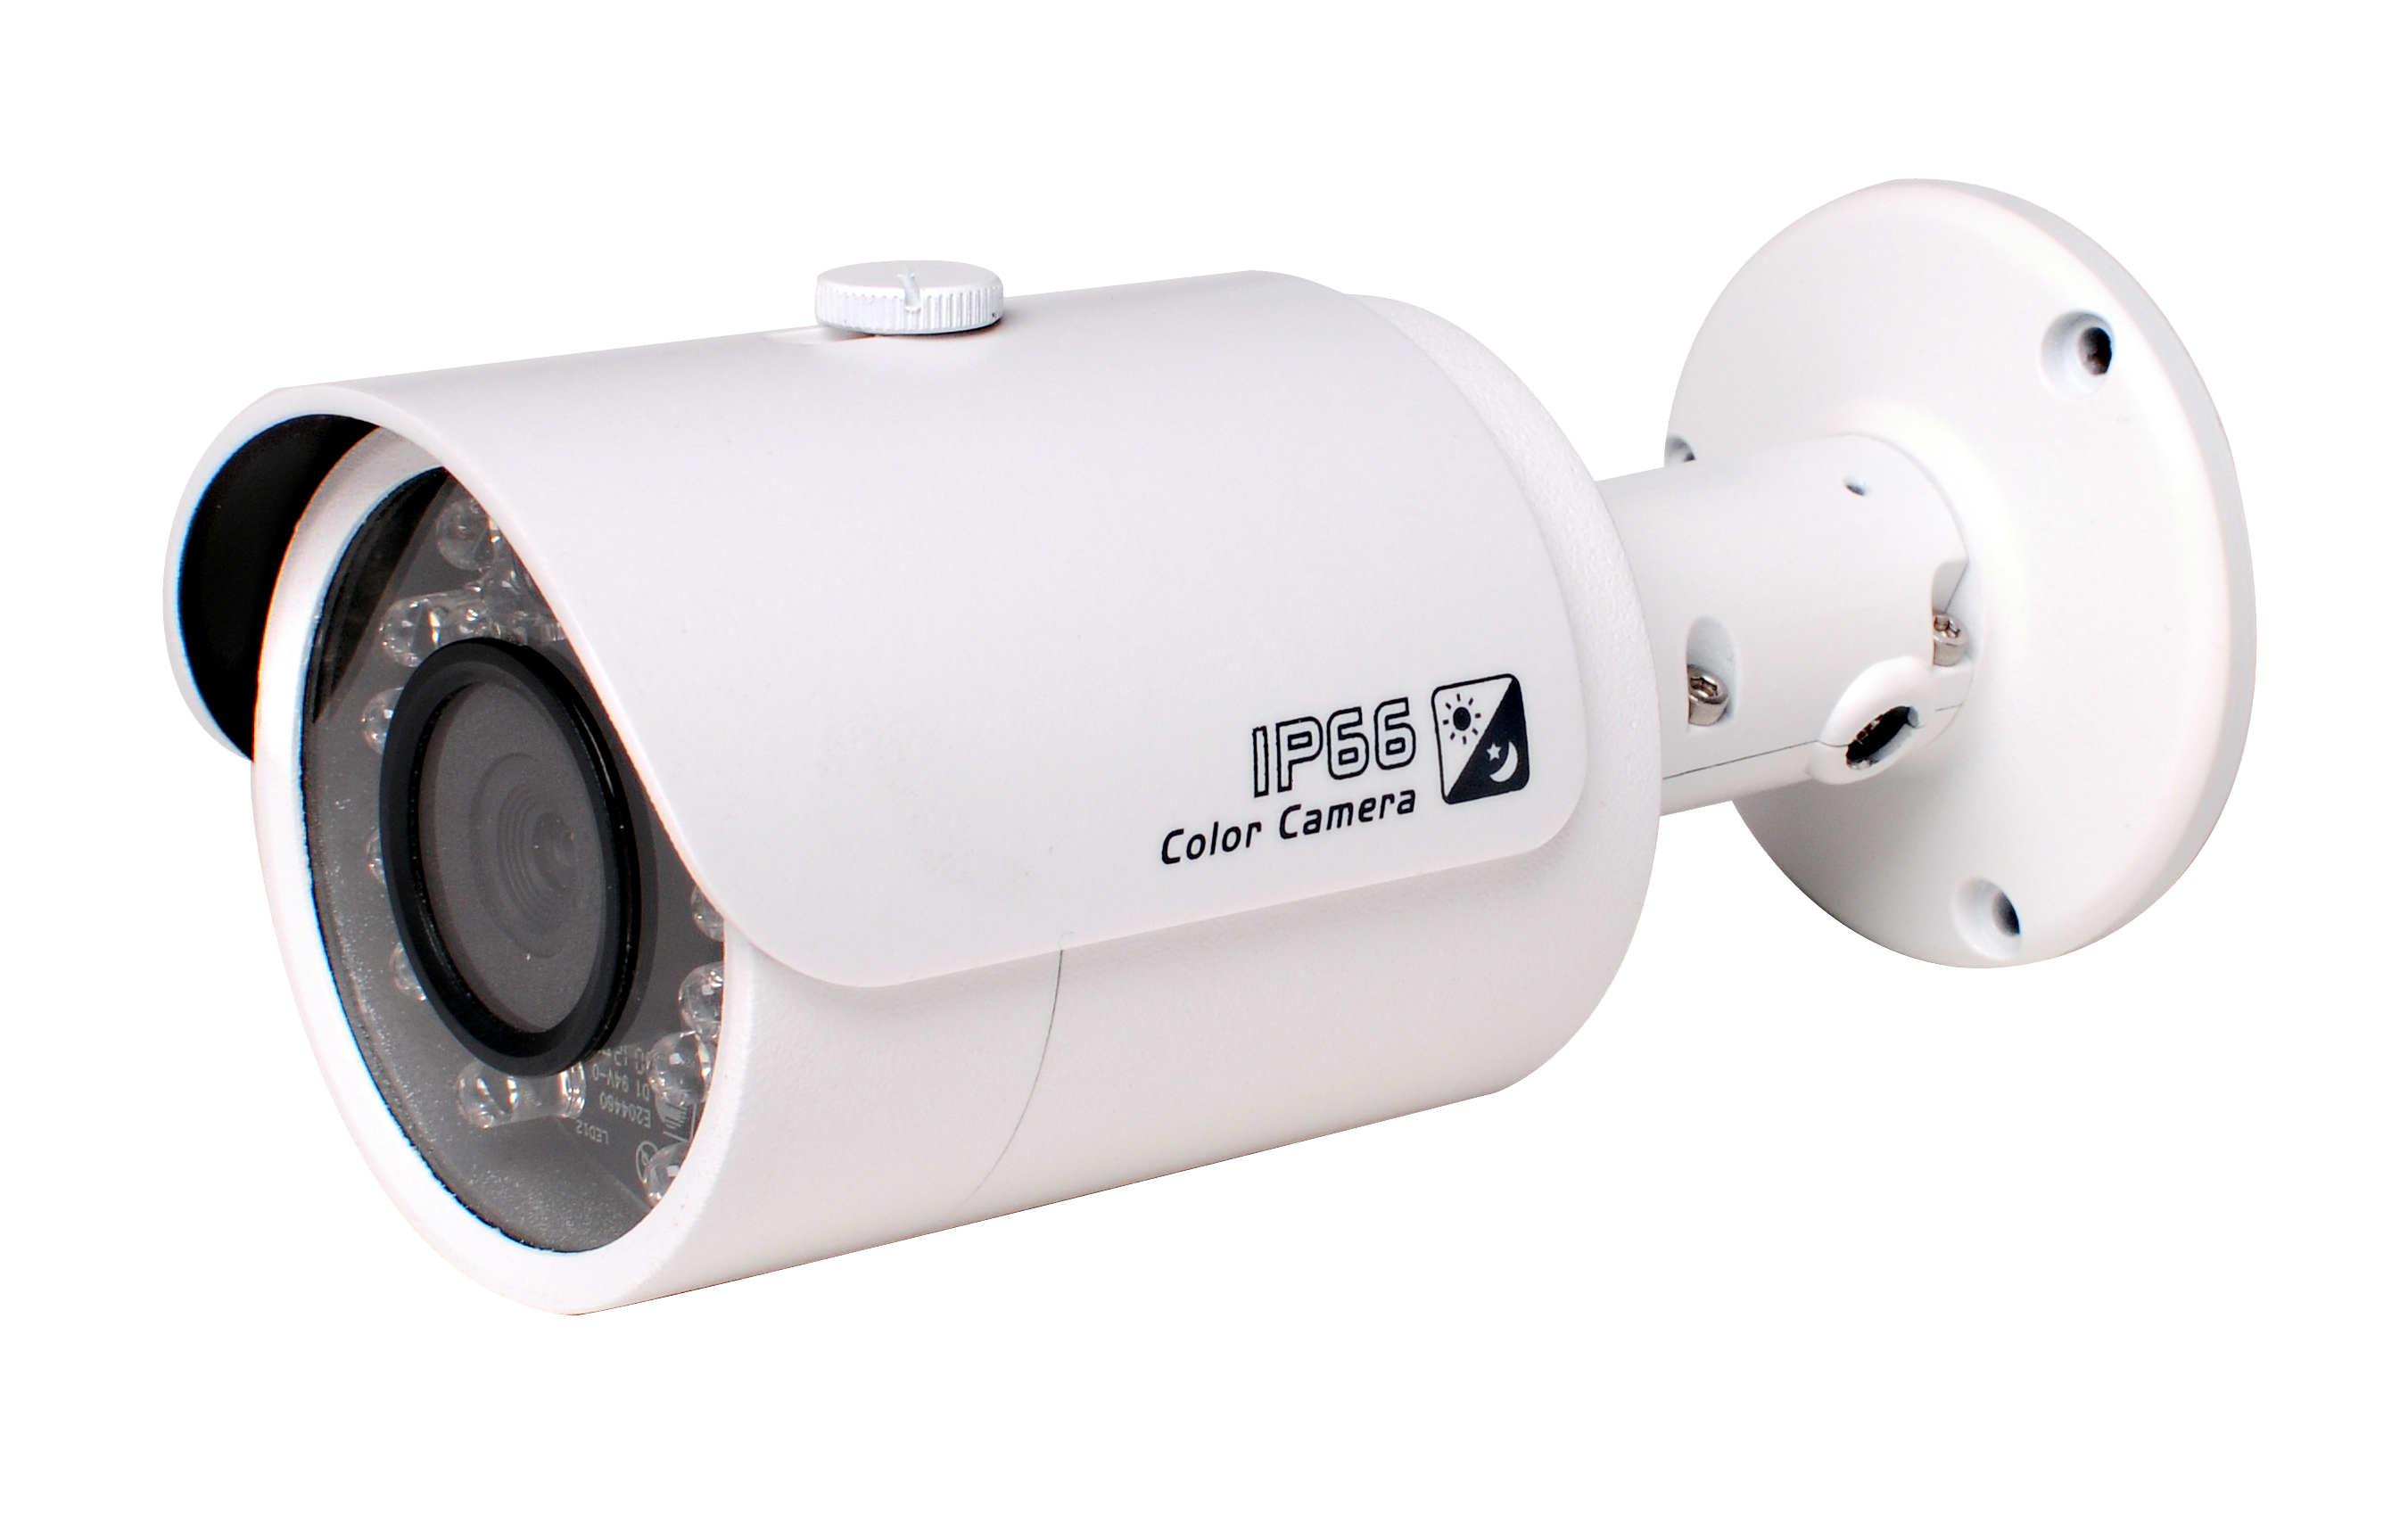 IPC-HFW4200SP ราคา 5,500.- ไม่รวมภาษีมูลค่าเพิ่ม 7% IPC-HFW4200SP 2 Megapixel HD IPC-HFW4200SP รับประกัน 2 ปี